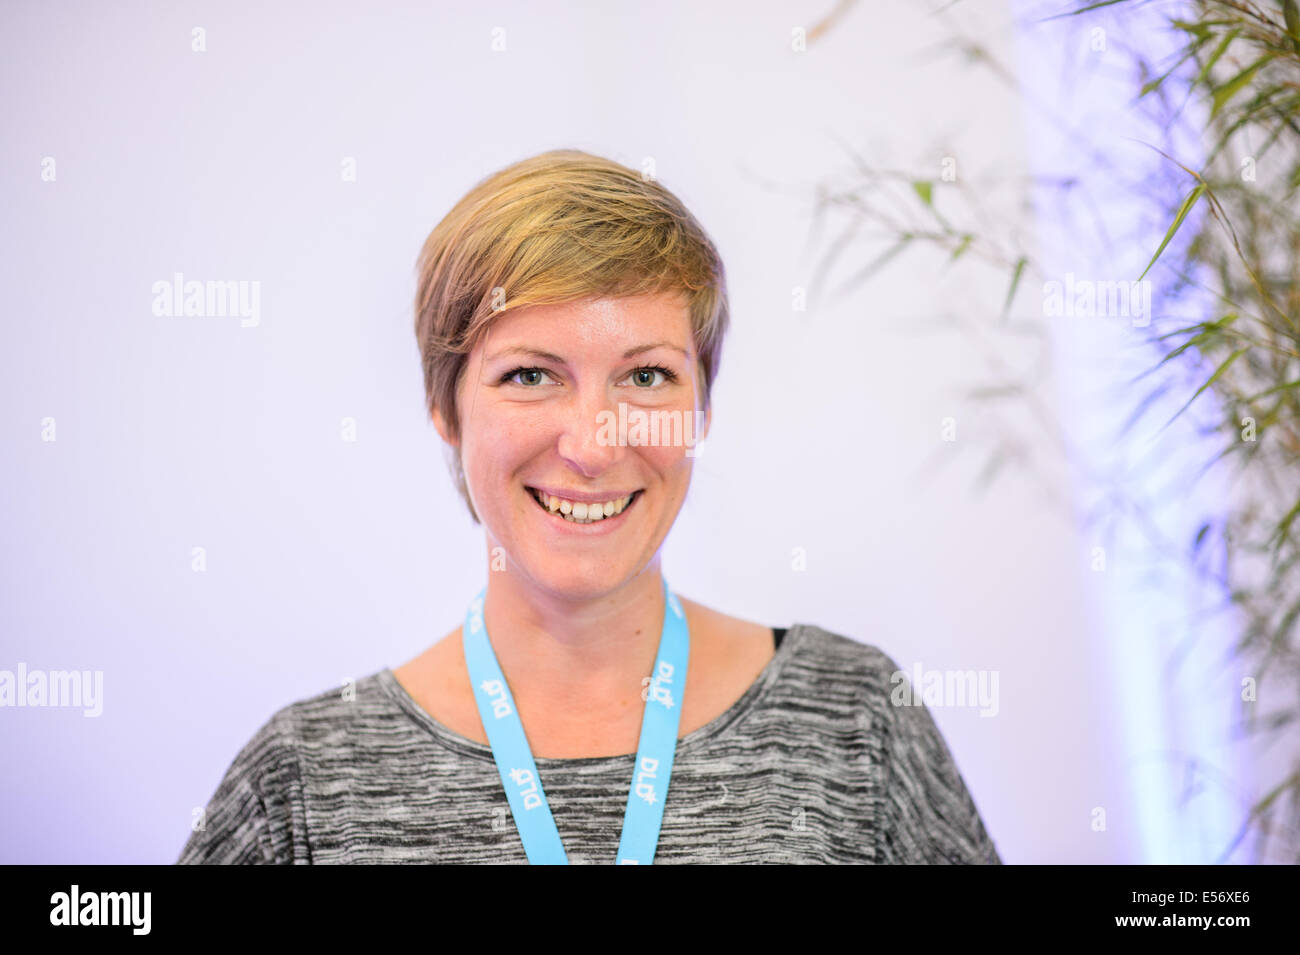 München/Deutschland - 21 Juli: Anna Mauersberger (UFA LAB) im Rahmen ...